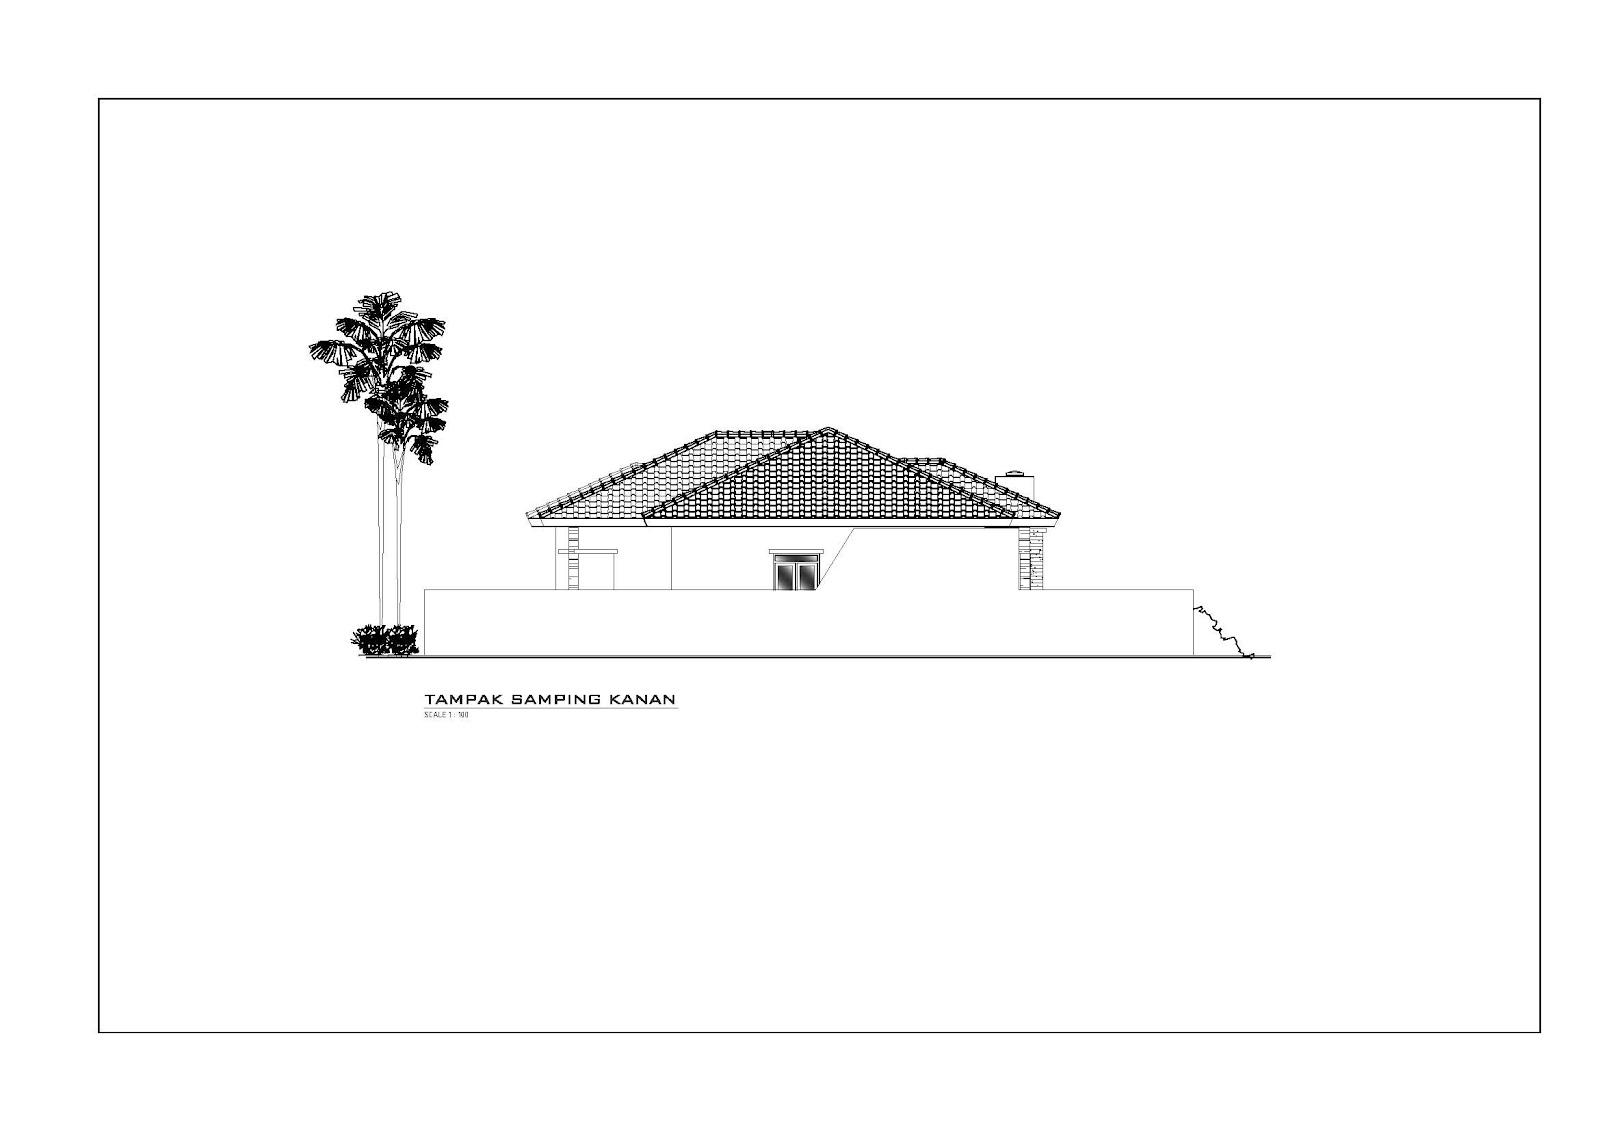 Panduan Bangunan Rumah: Desain Rumah Minimalis Tropis Di Purworejo